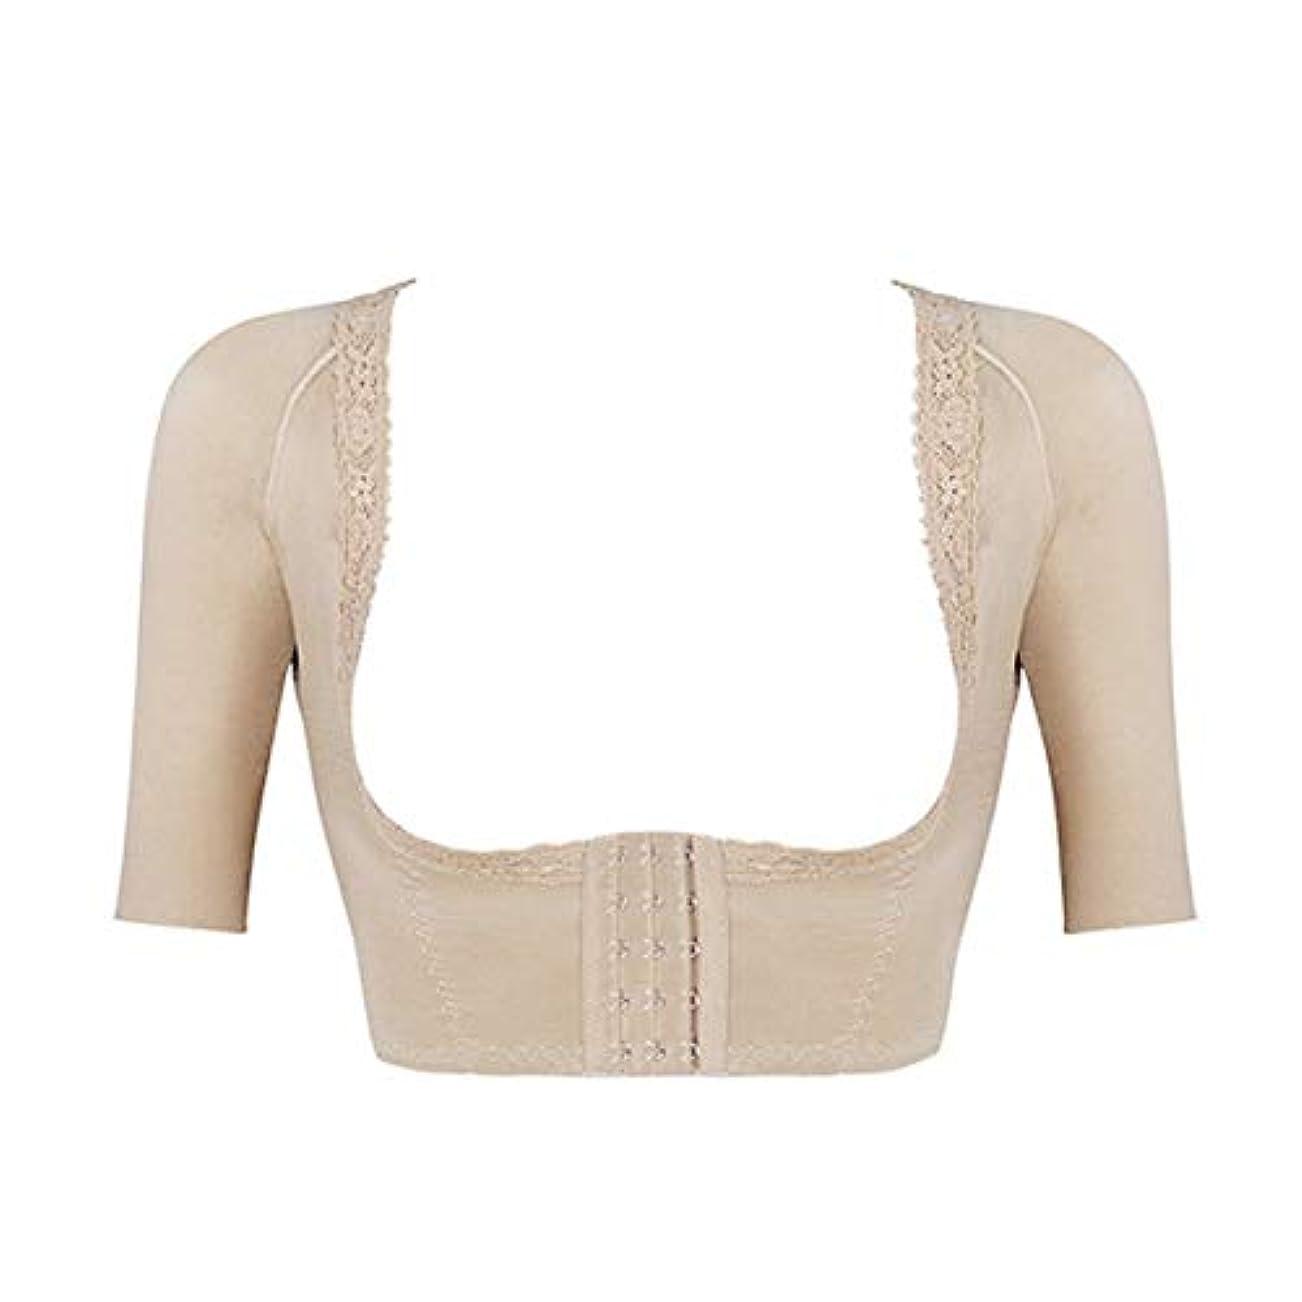 敬意感性制限女性のボディシェイパートップス快適な女性の腕の脂肪燃焼乳房リフトシェイプウェアスリムトレーナーコルセット-スキンカラー-70